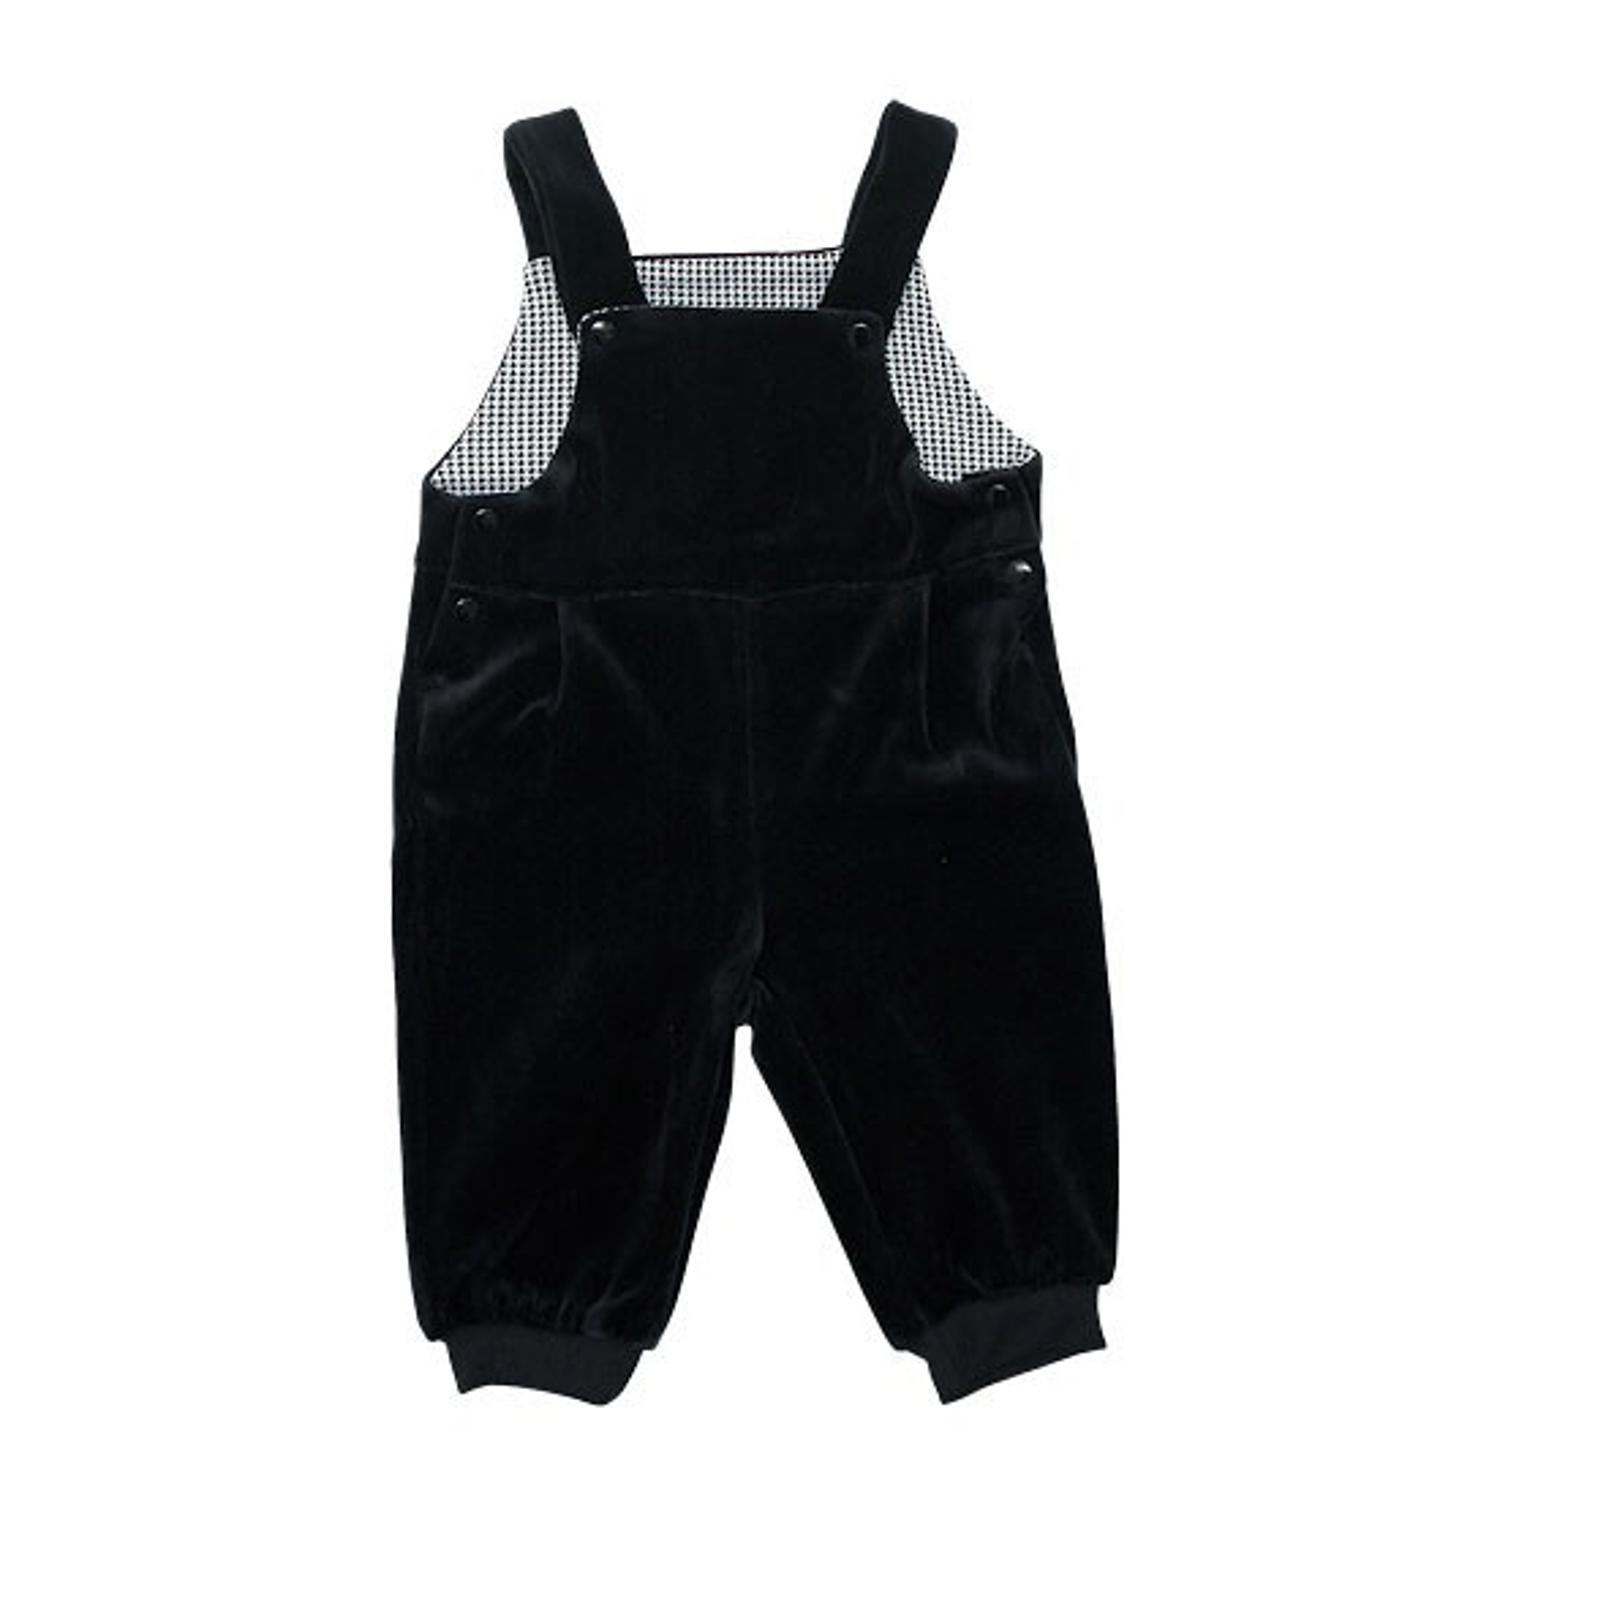 Полукомбинезон велюровый Soni Kids Cони Кидс Денди для мальчика, цвет черный размер 68